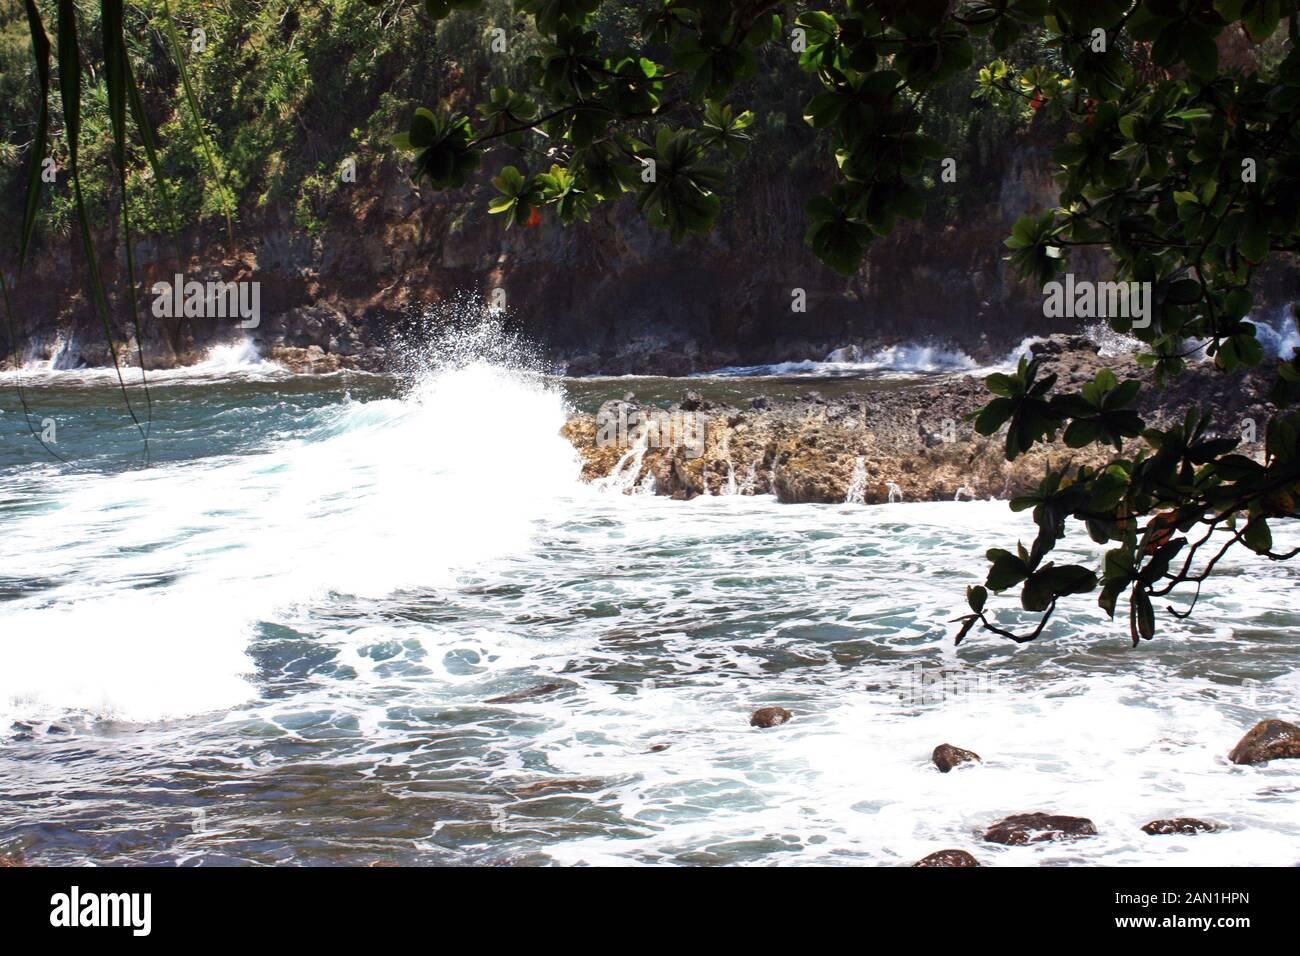 Olas rompiendo en un afloramiento rocoso enmarcado por las hojas de un árbol de Acacia mangium en Bahía Onomea Papaikou, Hawaii, EE.UU. Foto de stock